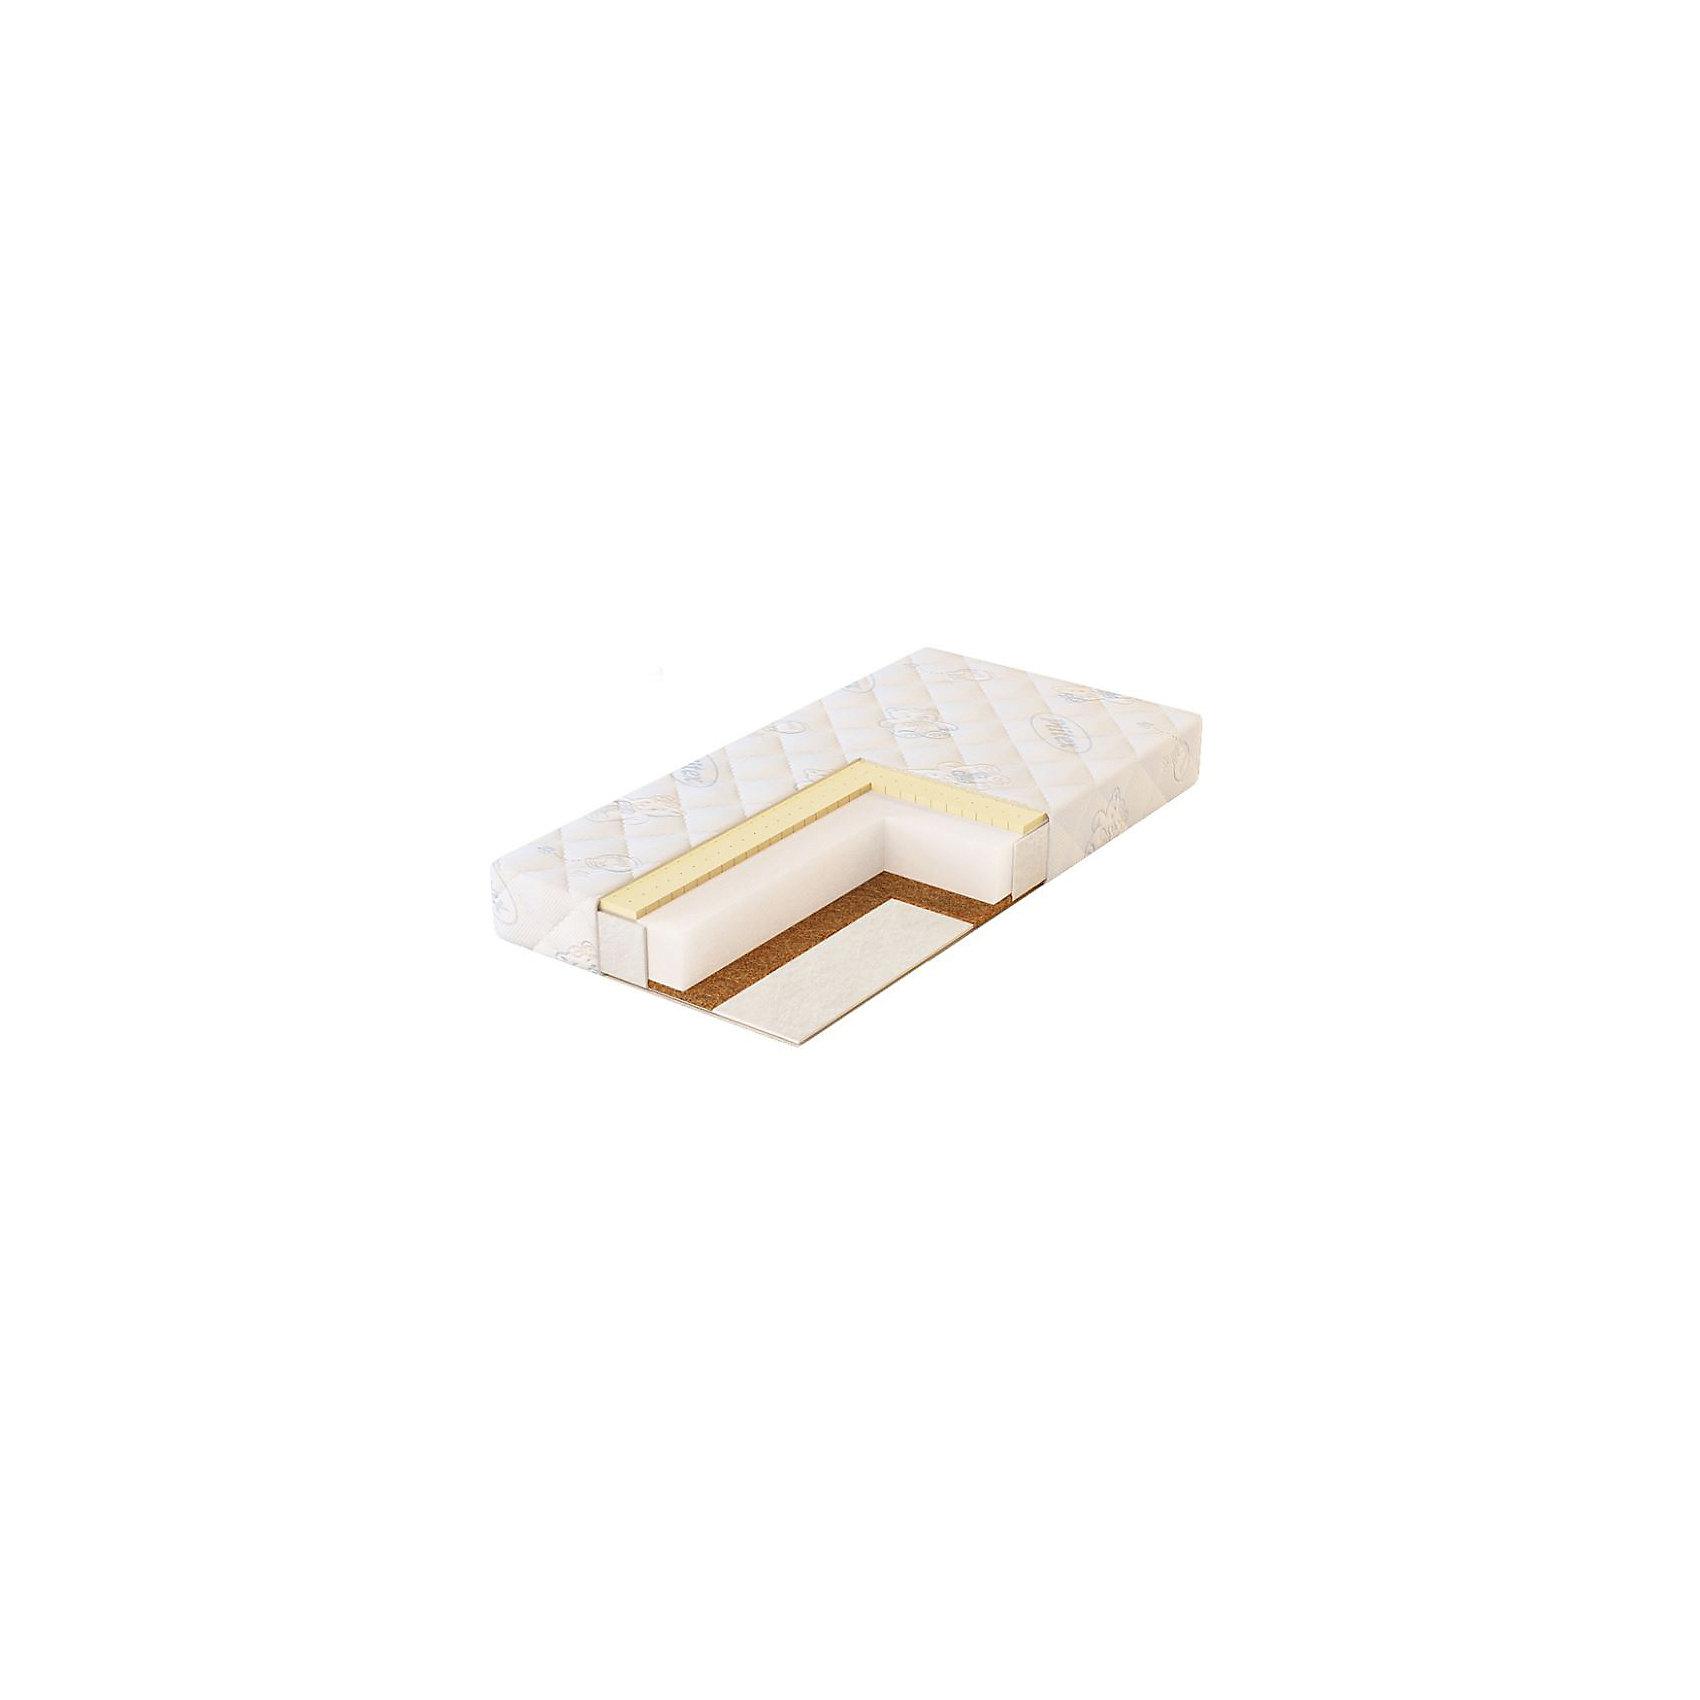 Матрас в кроватку ECO LIFE, PlitexЭтот детский матрасик разработан специально для малышей. Его можно использовать для детской кроватки. В основе - упругая монолитная плита из высокоплотного холлкона – высококачественного современного материала, который хорошо пропускает воздух и сберегает тепло, не накапливает статического напряжения, не боится влаги, долго служит. Также - латексированная кокосовая койра, это экологичный, упругий, жесткий материал, обладает исключительными антиаллергическими и антибактериальными свойствами: не впитывает запахи и влагу, не гниет, отлично пропускает воздух и регулирует температуру, к тому же не деформируется, гарантирует правильное формирование позвоночника ребенка. Стороны имеют разную жесткость.<br>Чехол из стеганой ткани на молнии (трикотаж). Также в составе - нетканый материал Airotek, экологически чистый гипоаллергенный наполнитель из смеси полиэфирных волокон (иглопробивной синтепон), нетоксичный и безвредный, с хорошей устойчивостью к механическим растяжениям и сваливанию. Долго удерживает тепло, хорошо восстанавливает первоначальную форму, пышный и мягкий, не впитывает воду и быстро сохнет.<br><br>Дополнительная информация:<br><br>материал: трикотаж, холлкон, латекс, кокос, Airotek;<br>жесткость: верхняя сторона-2, нижняя сторона-3;<br>двусторонний, с различной жесткостью сторон;<br>беспружинный;<br>размер: 119х60х12 см.<br><br>Матрас в коляску  ECO LIFE от компании Plitex можно купить в нашем магазине.<br><br>Ширина мм: 1190<br>Глубина мм: 600<br>Высота мм: 120<br>Вес г: 4000<br>Возраст от месяцев: 0<br>Возраст до месяцев: 36<br>Пол: Унисекс<br>Возраст: Детский<br>SKU: 4720097